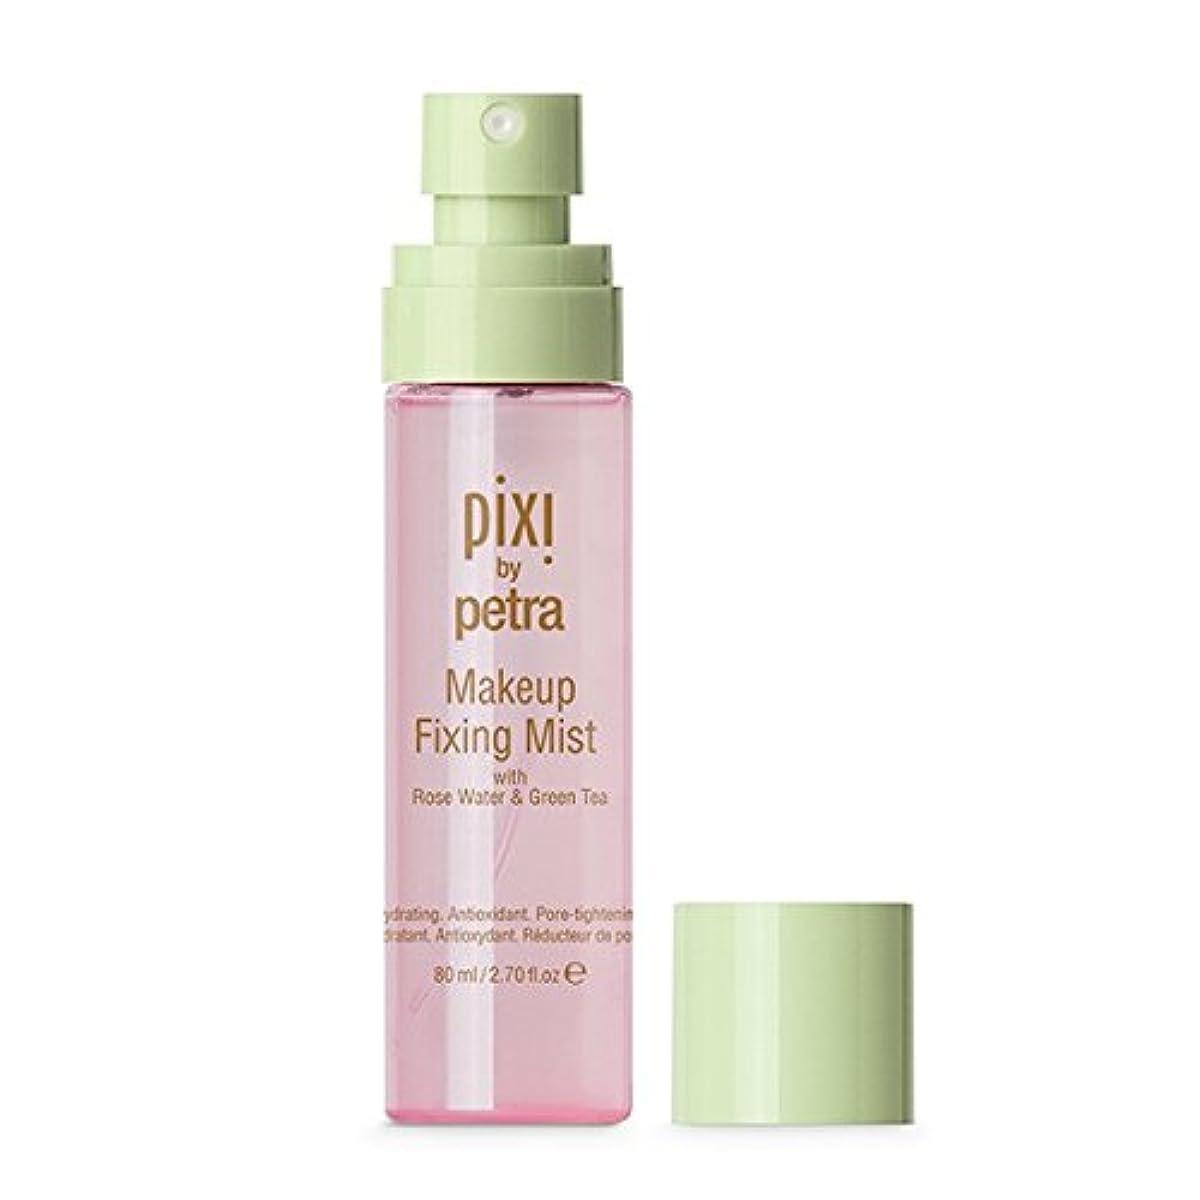 Pixi Makeup Fixing Mist (並行輸入品) [並行輸入品]